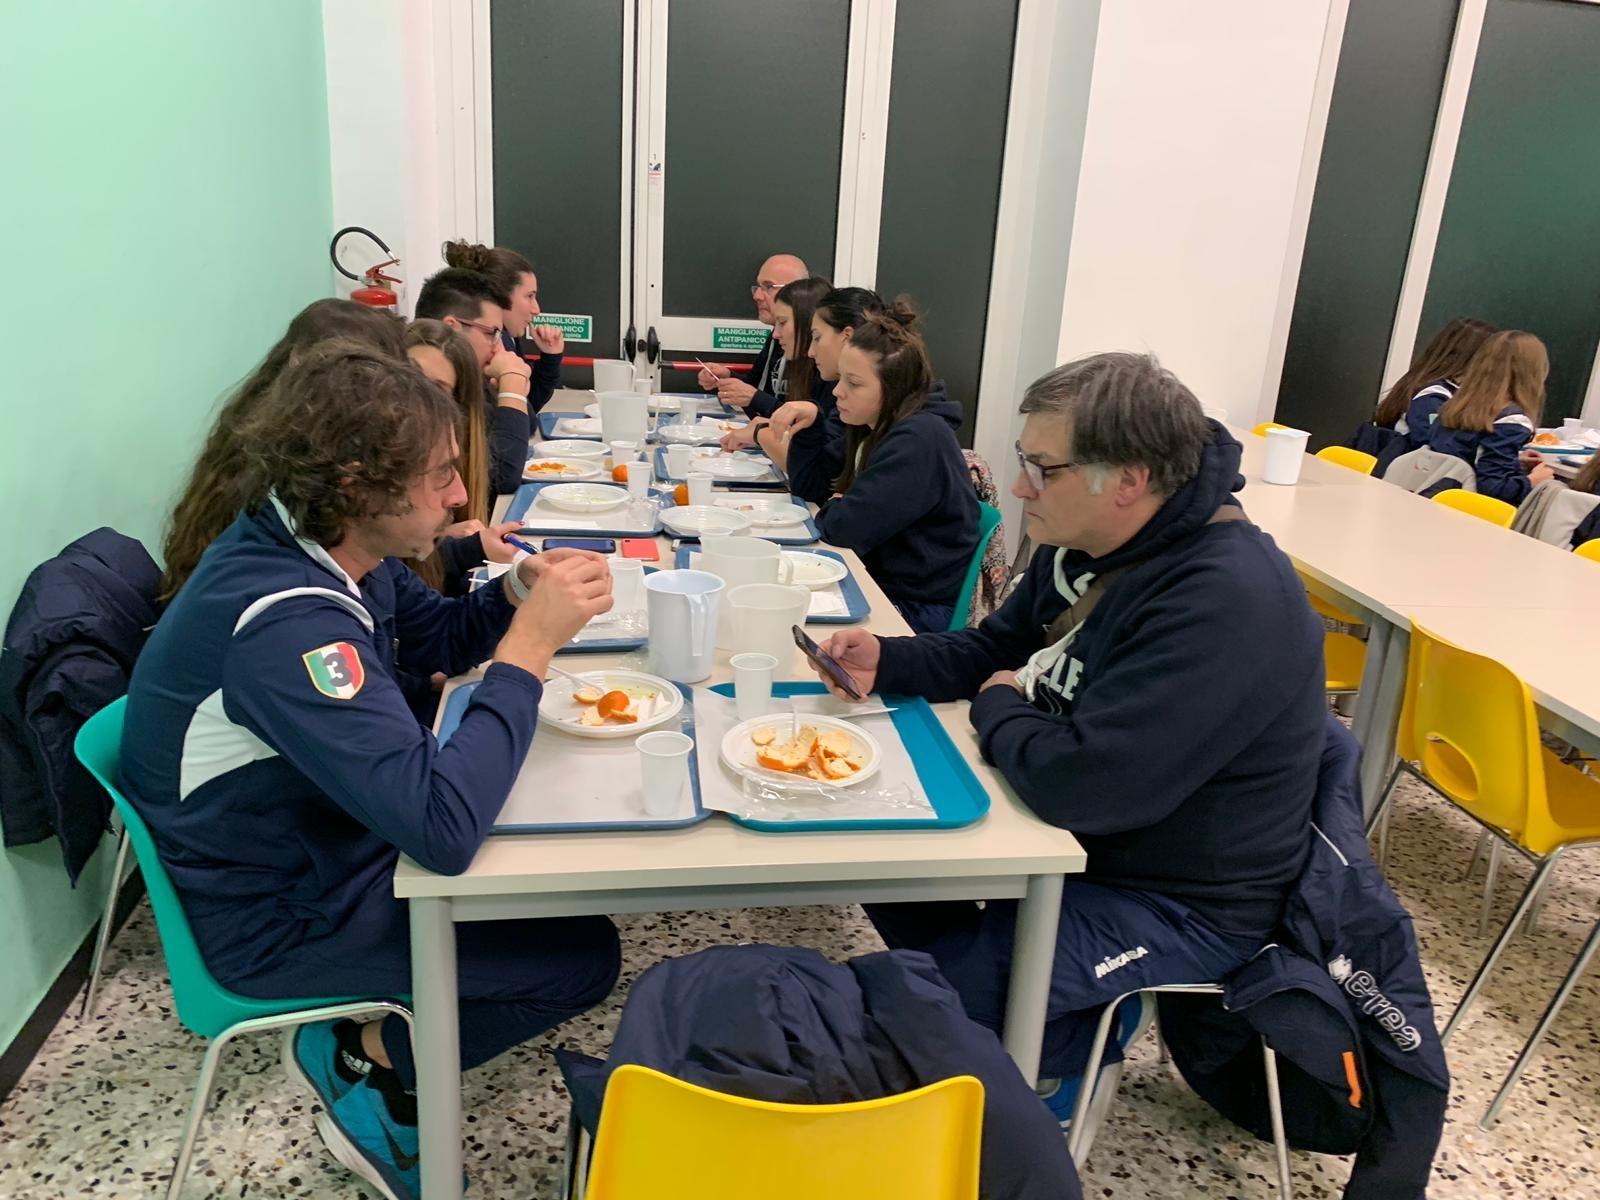 2019-01-03-Alassio-002